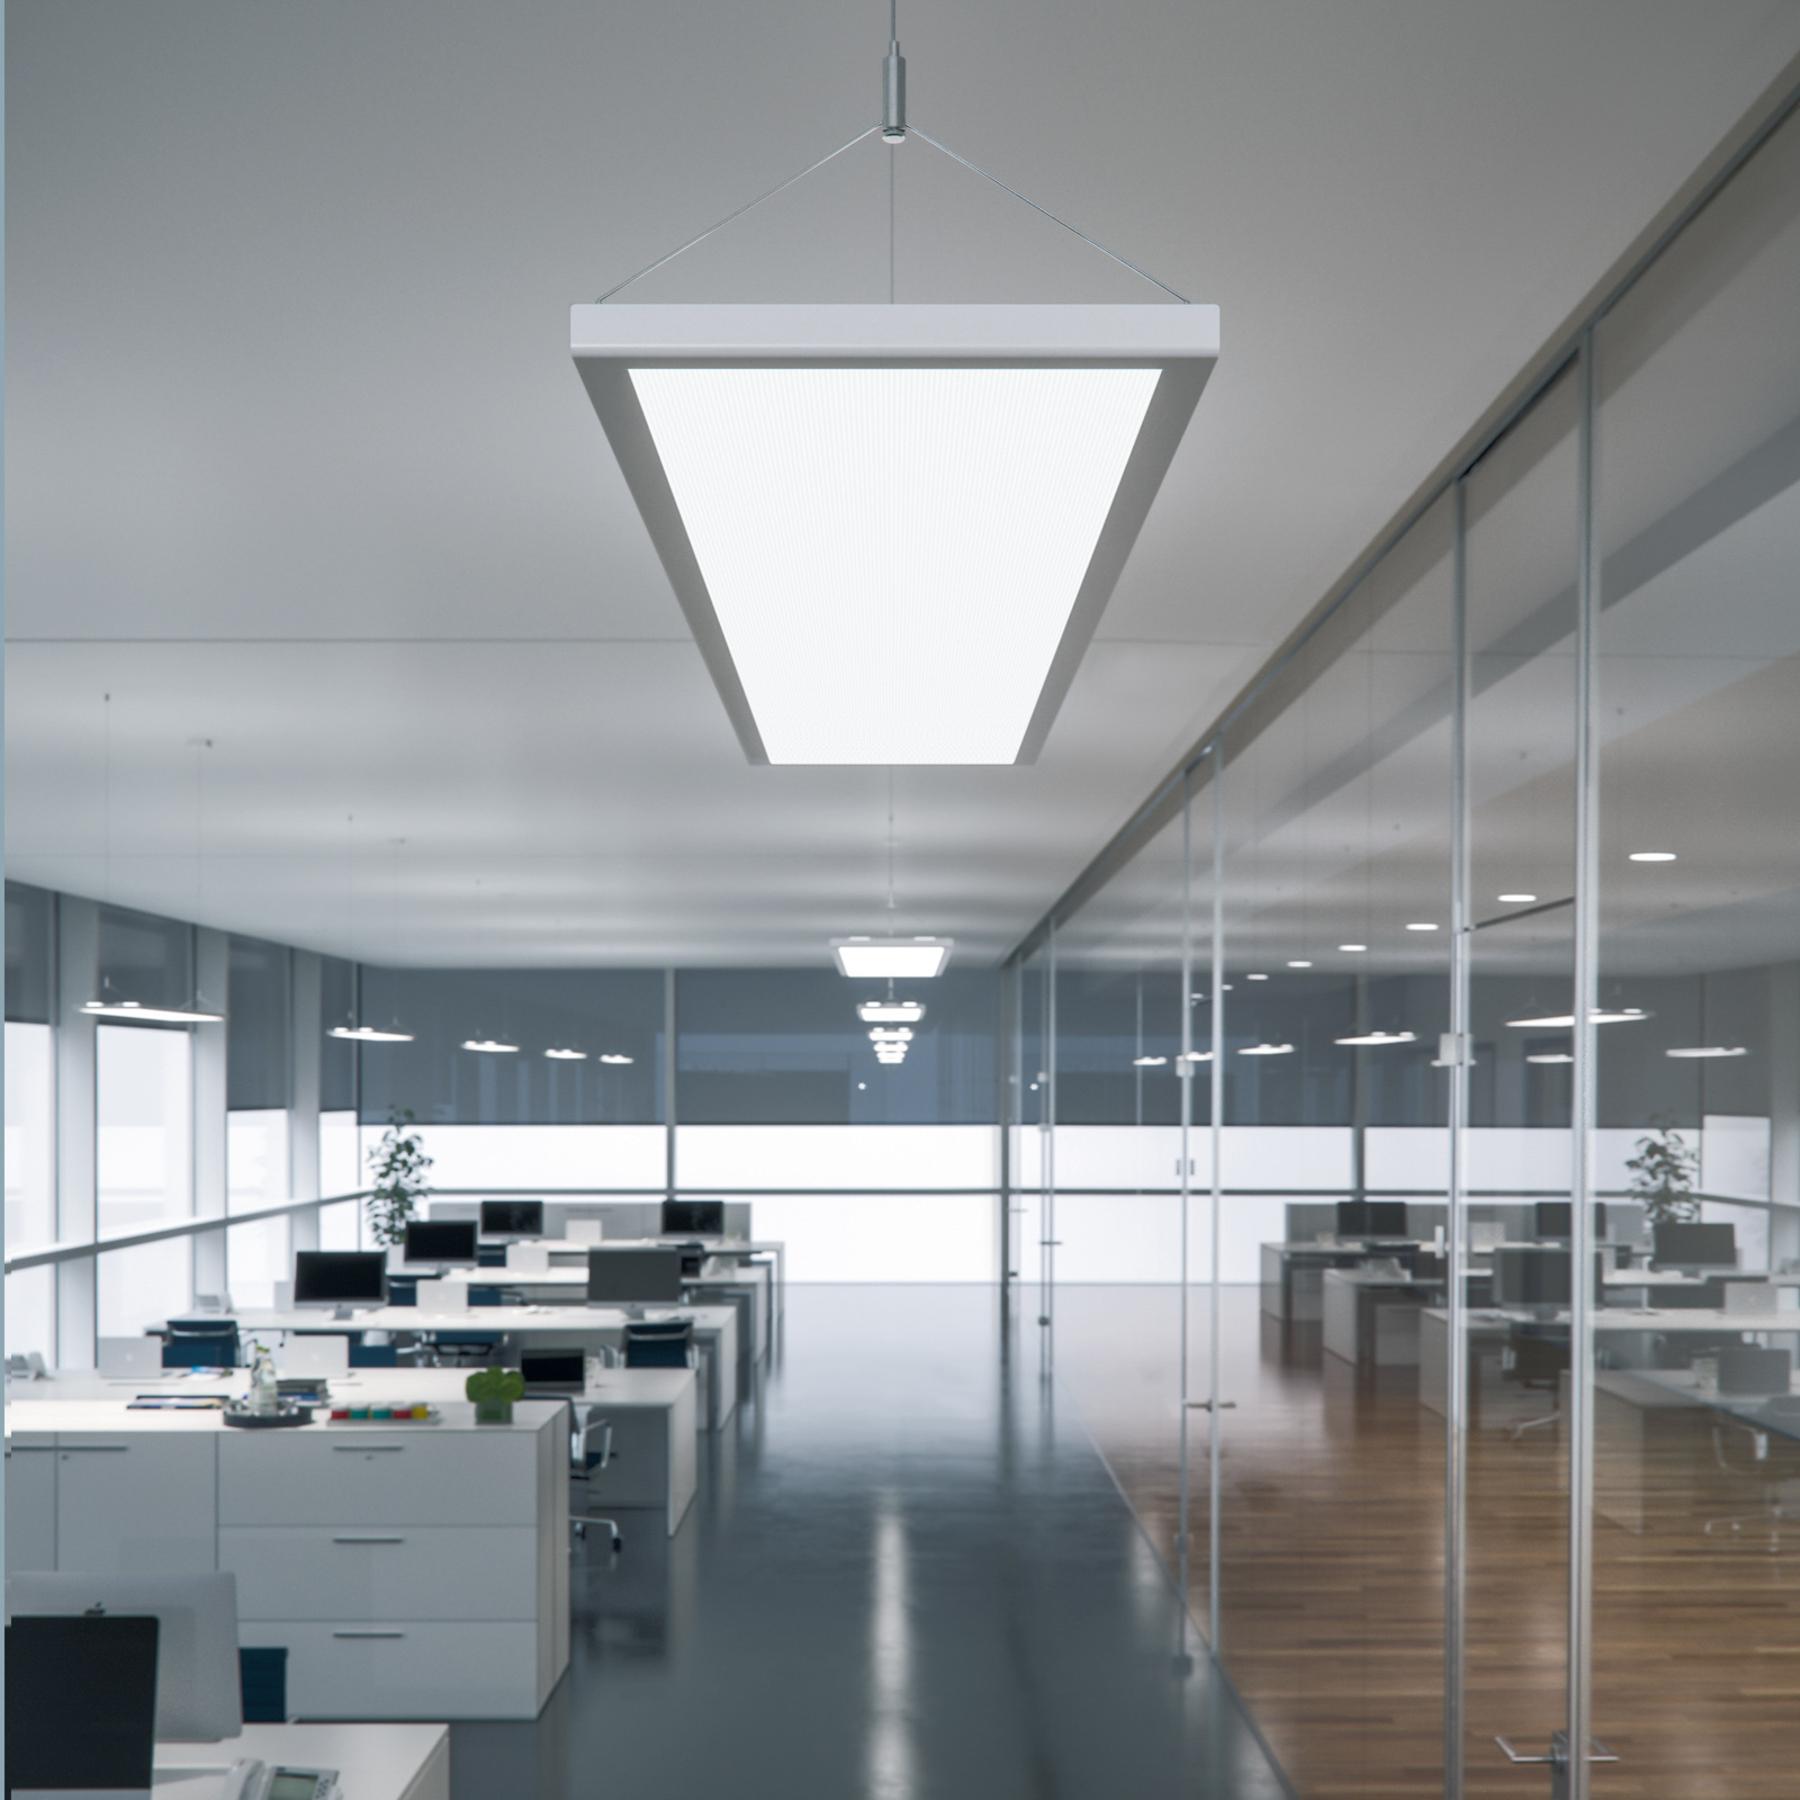 LED-riippuvalaisin IDOO toimistoon 49 W, valkoinen